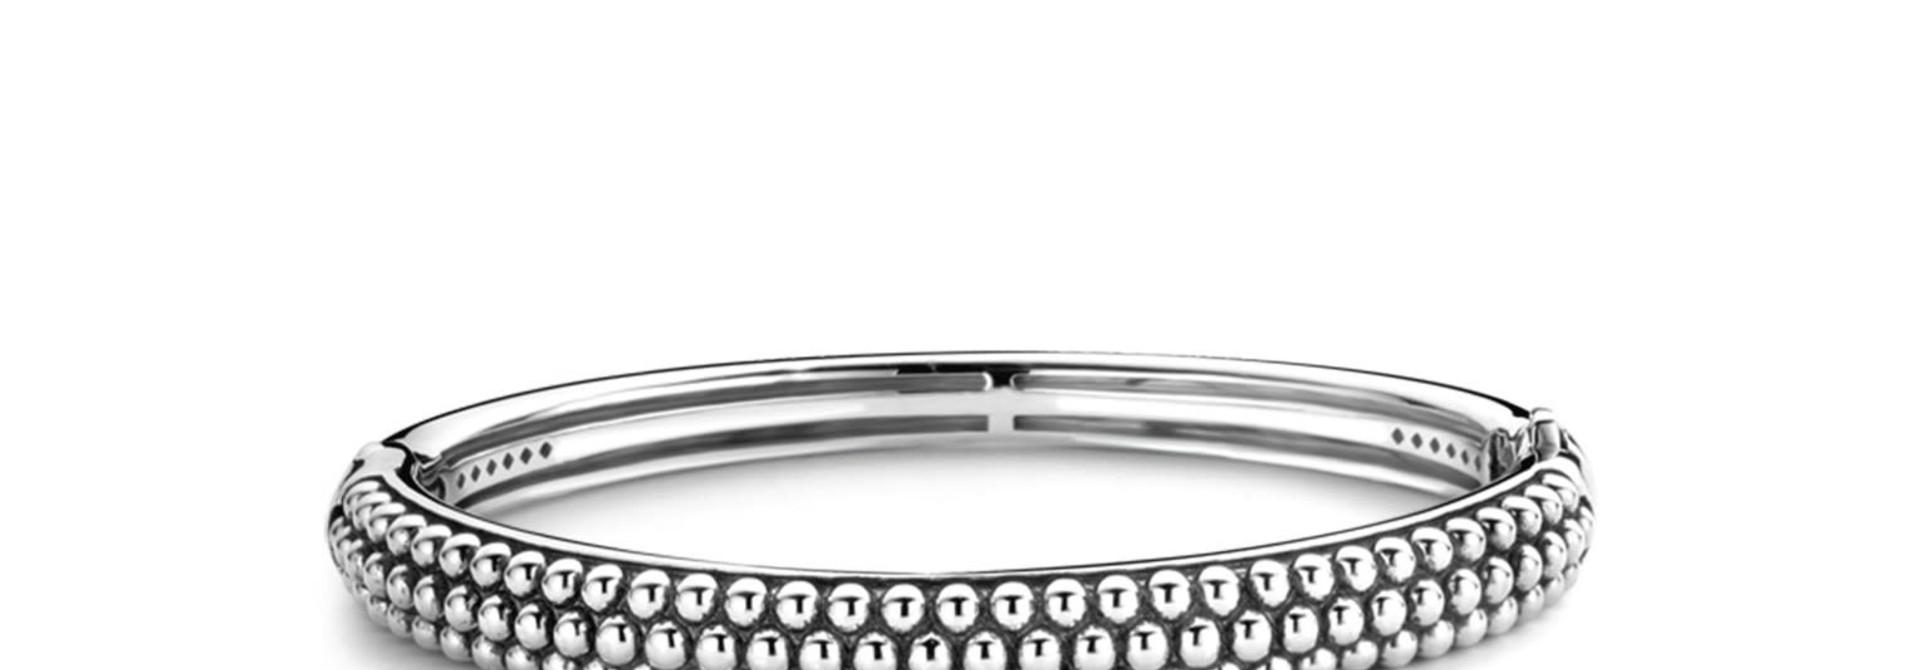 TI SENTO - Milano Bracelet 2673SI